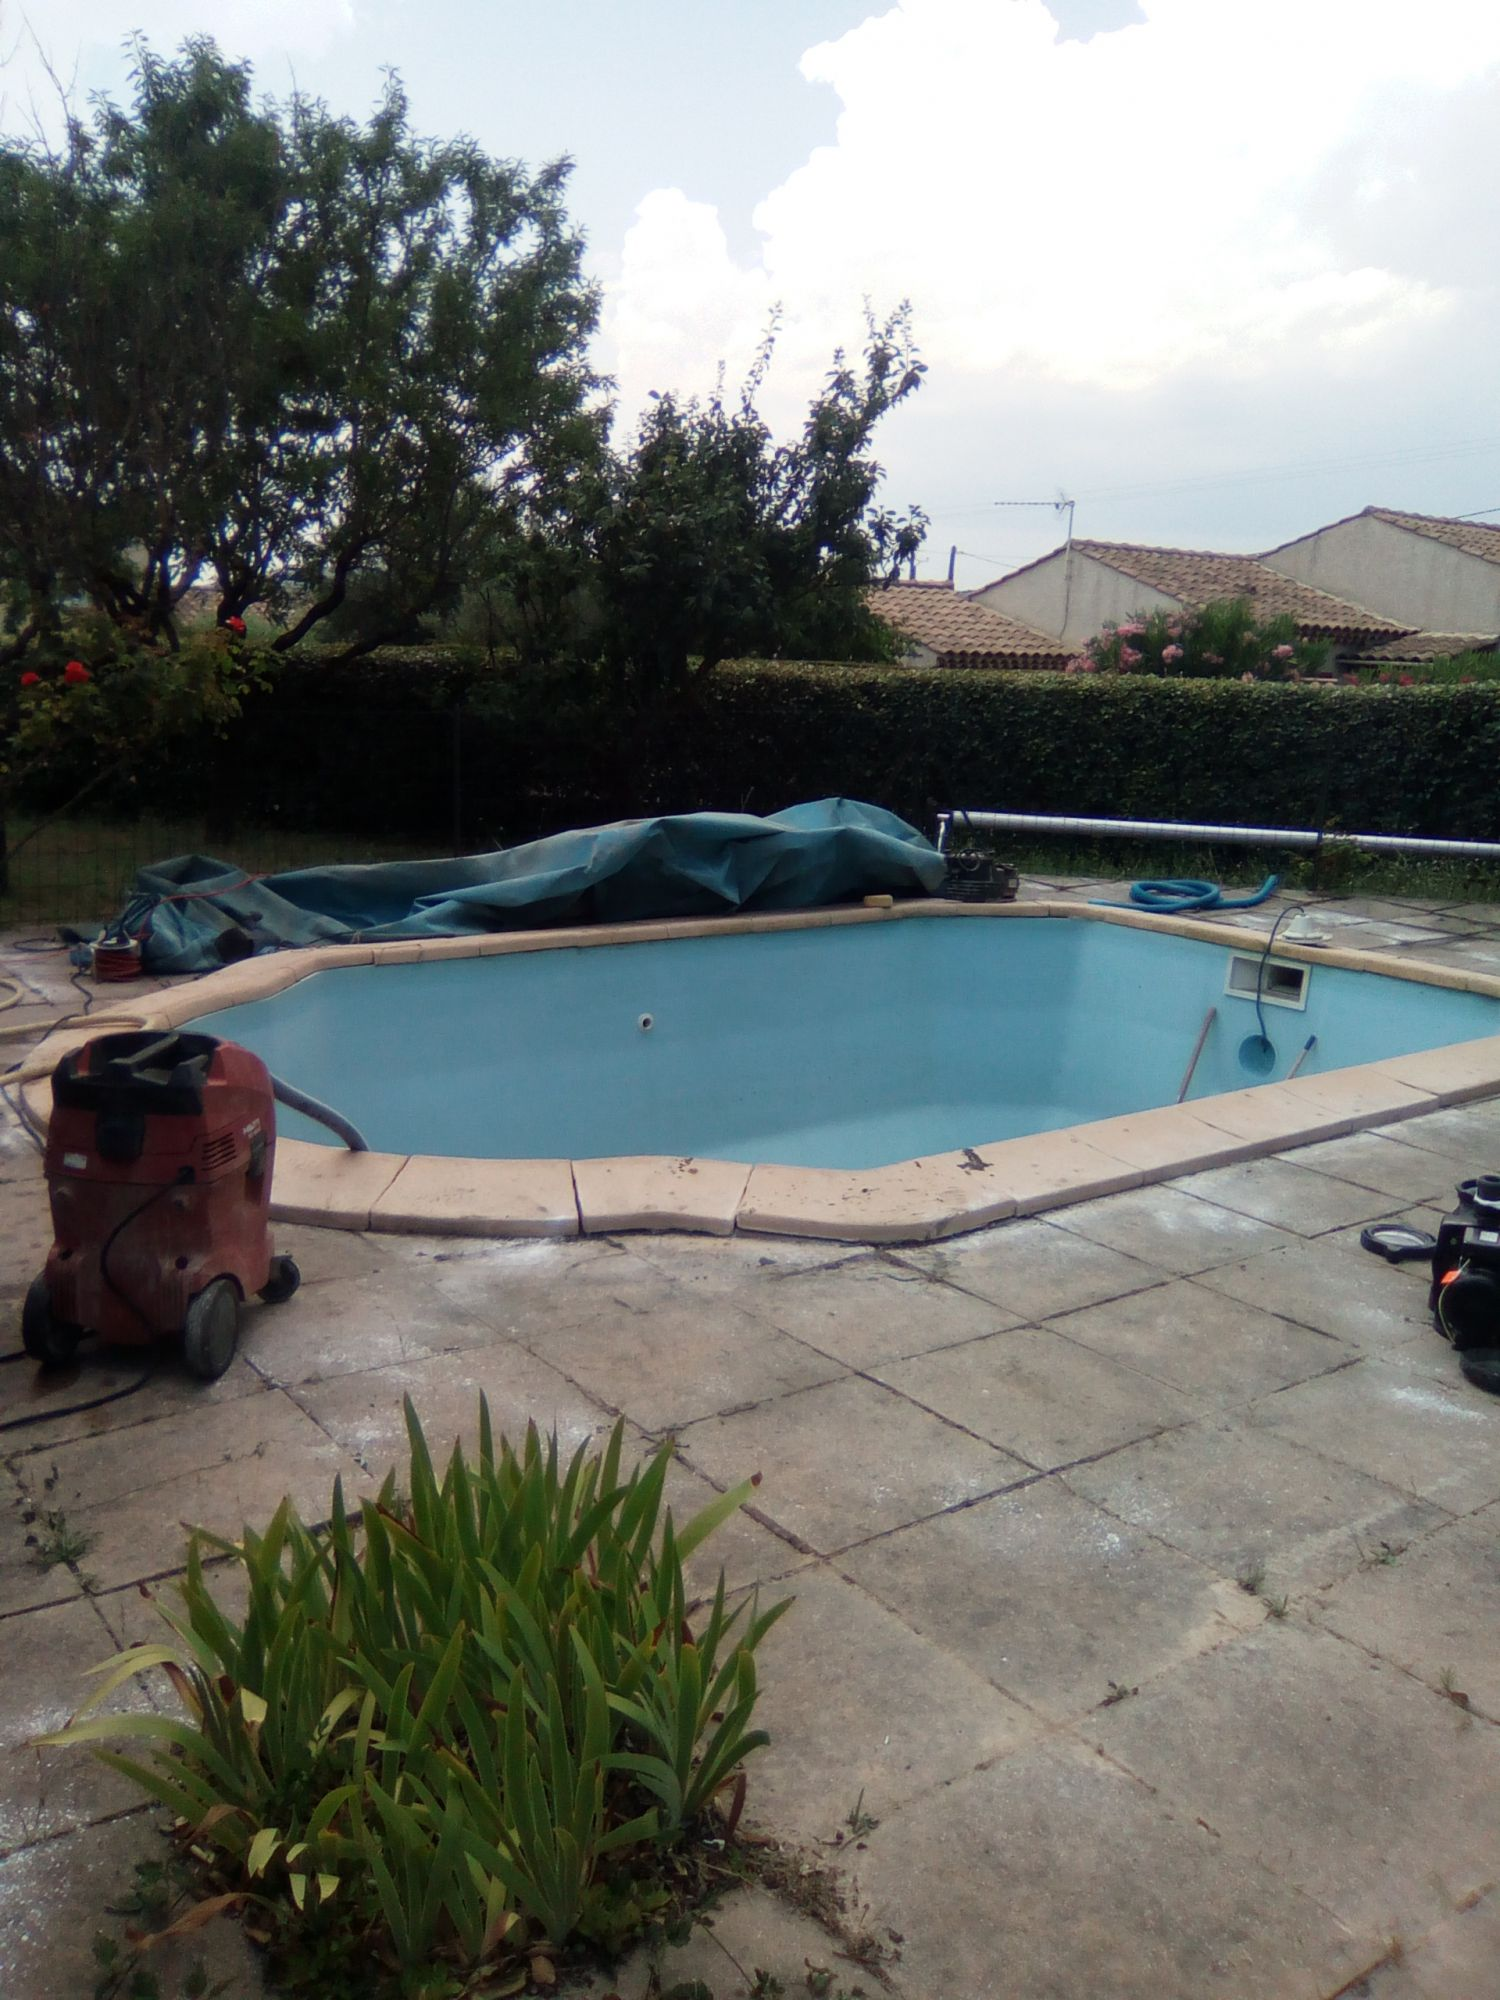 vidange et nettoyage complet de piscine brignoles pisciniste brignoles piscines plus. Black Bedroom Furniture Sets. Home Design Ideas